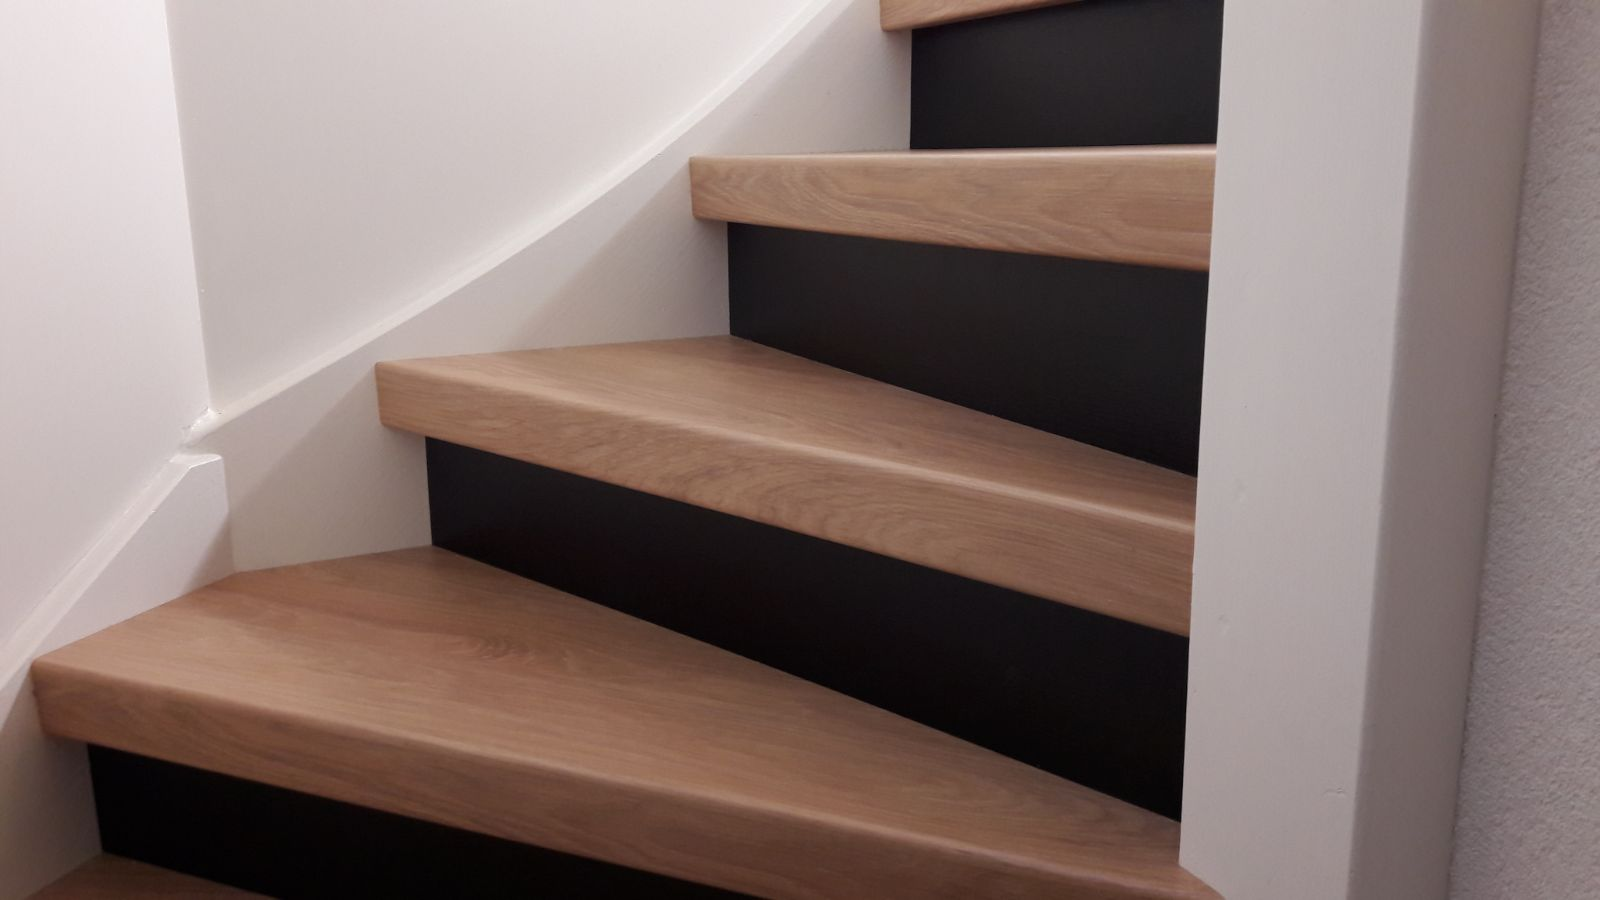 de trap in nieuwbouw